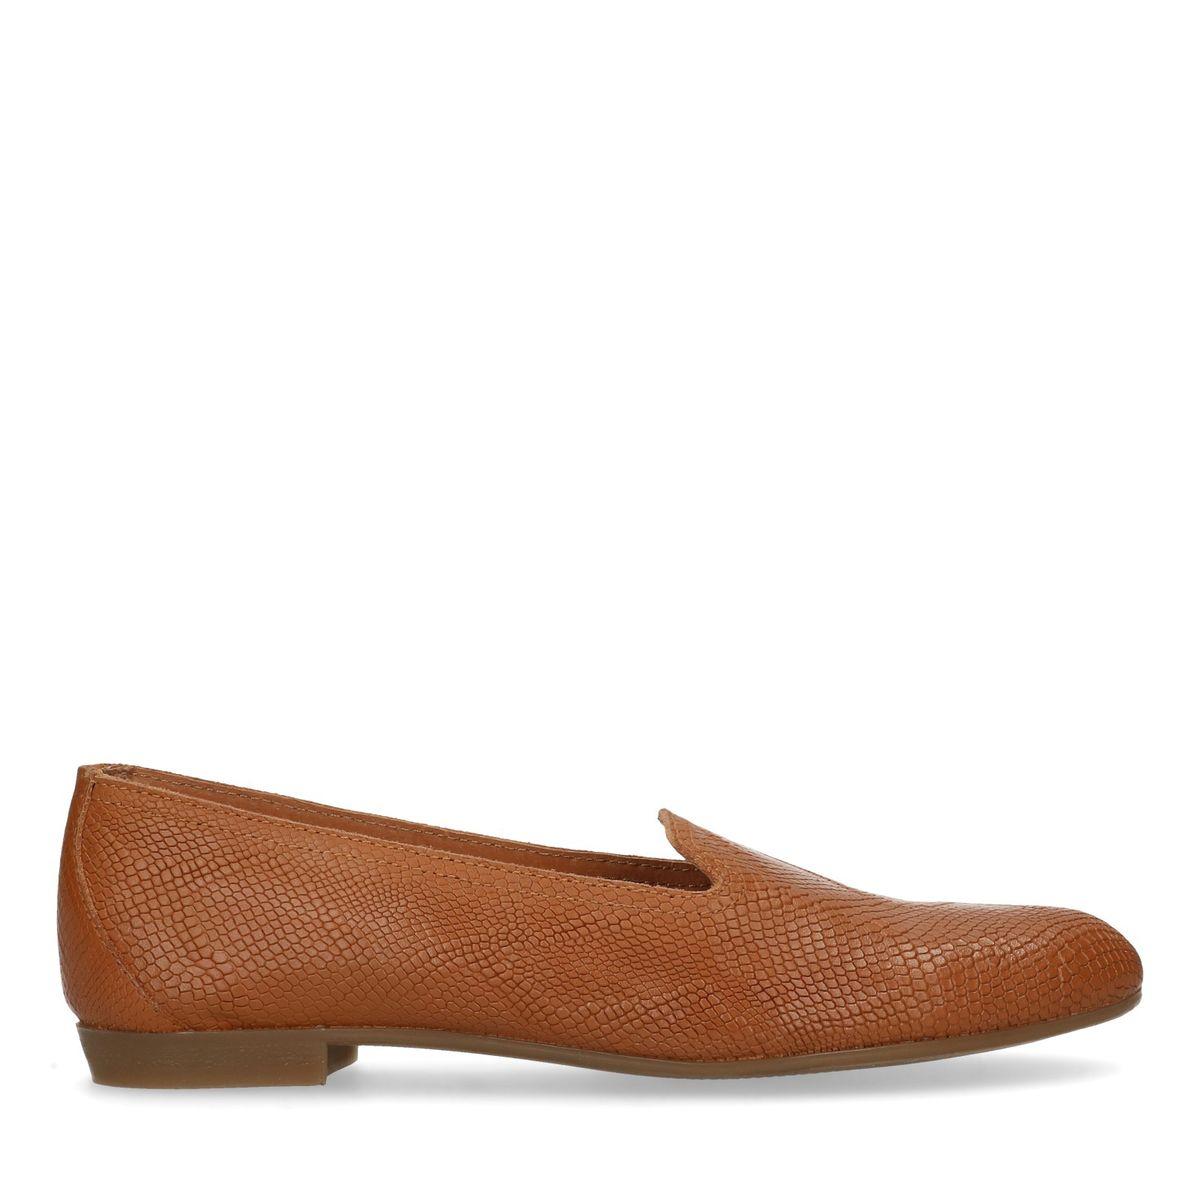 Loafers en cuir avec motif en relief - marron (Maat 36)